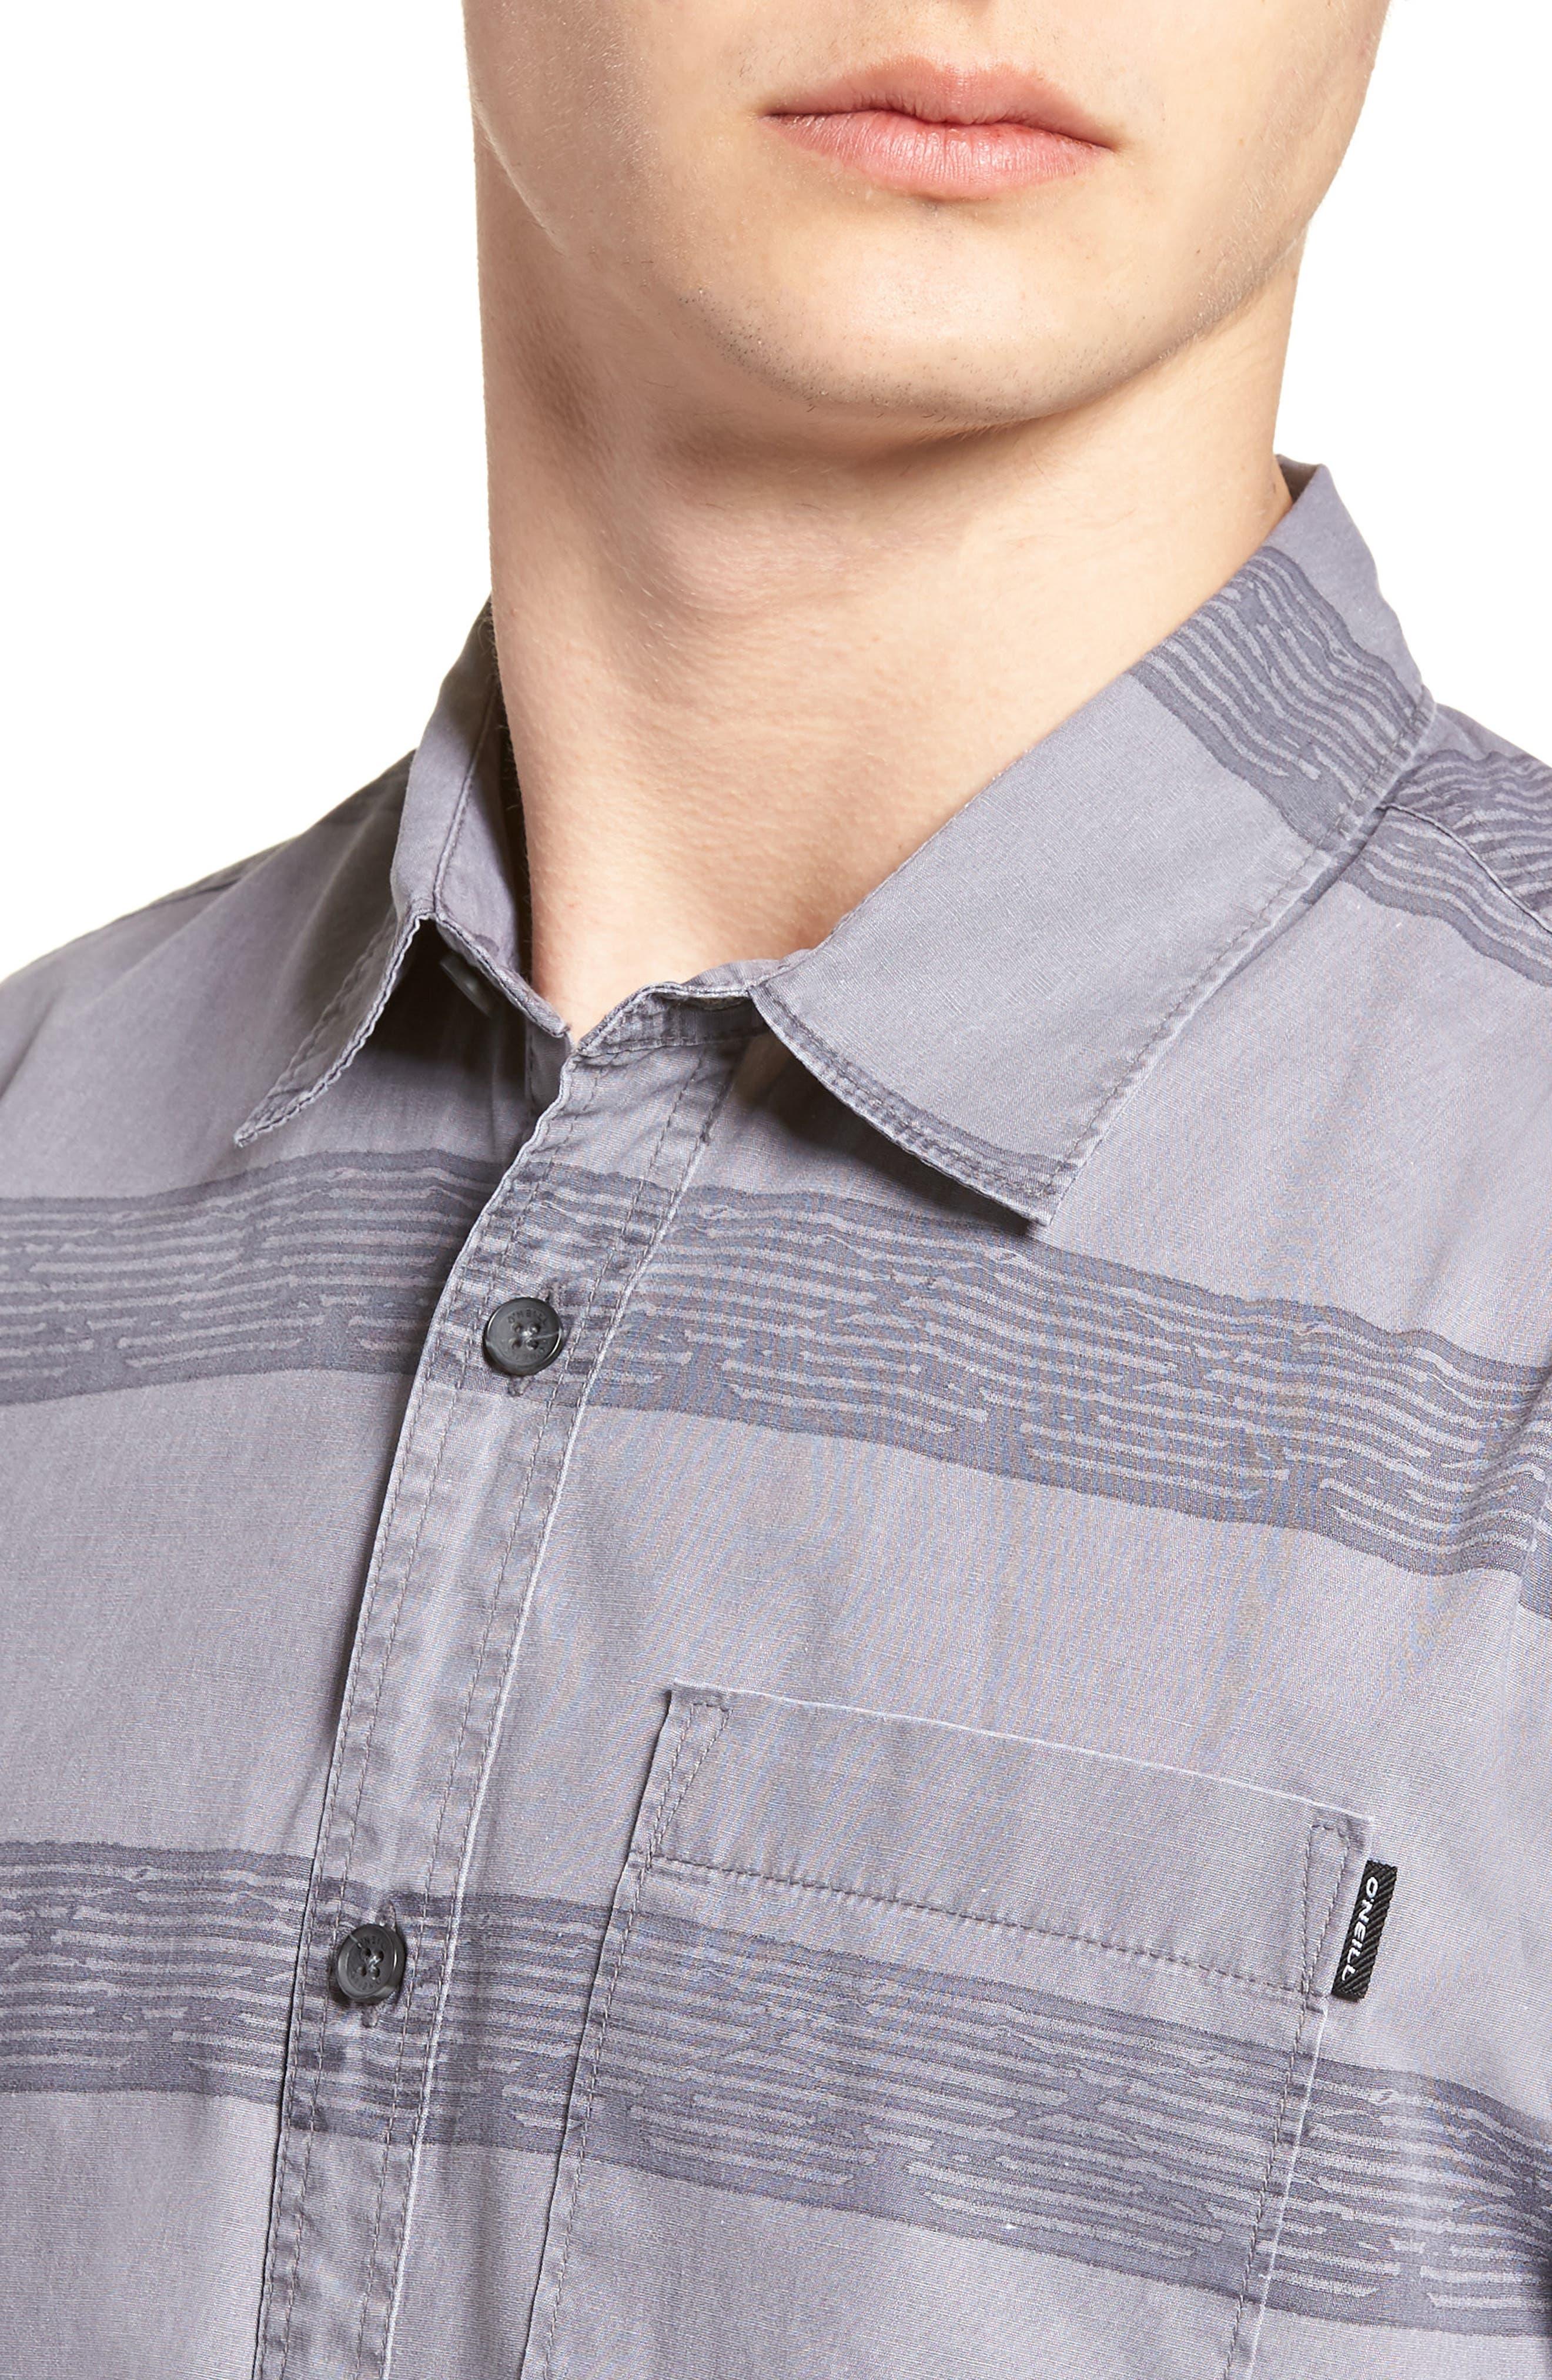 Wagner Woven Shirt,                             Alternate thumbnail 2, color,                             Fog